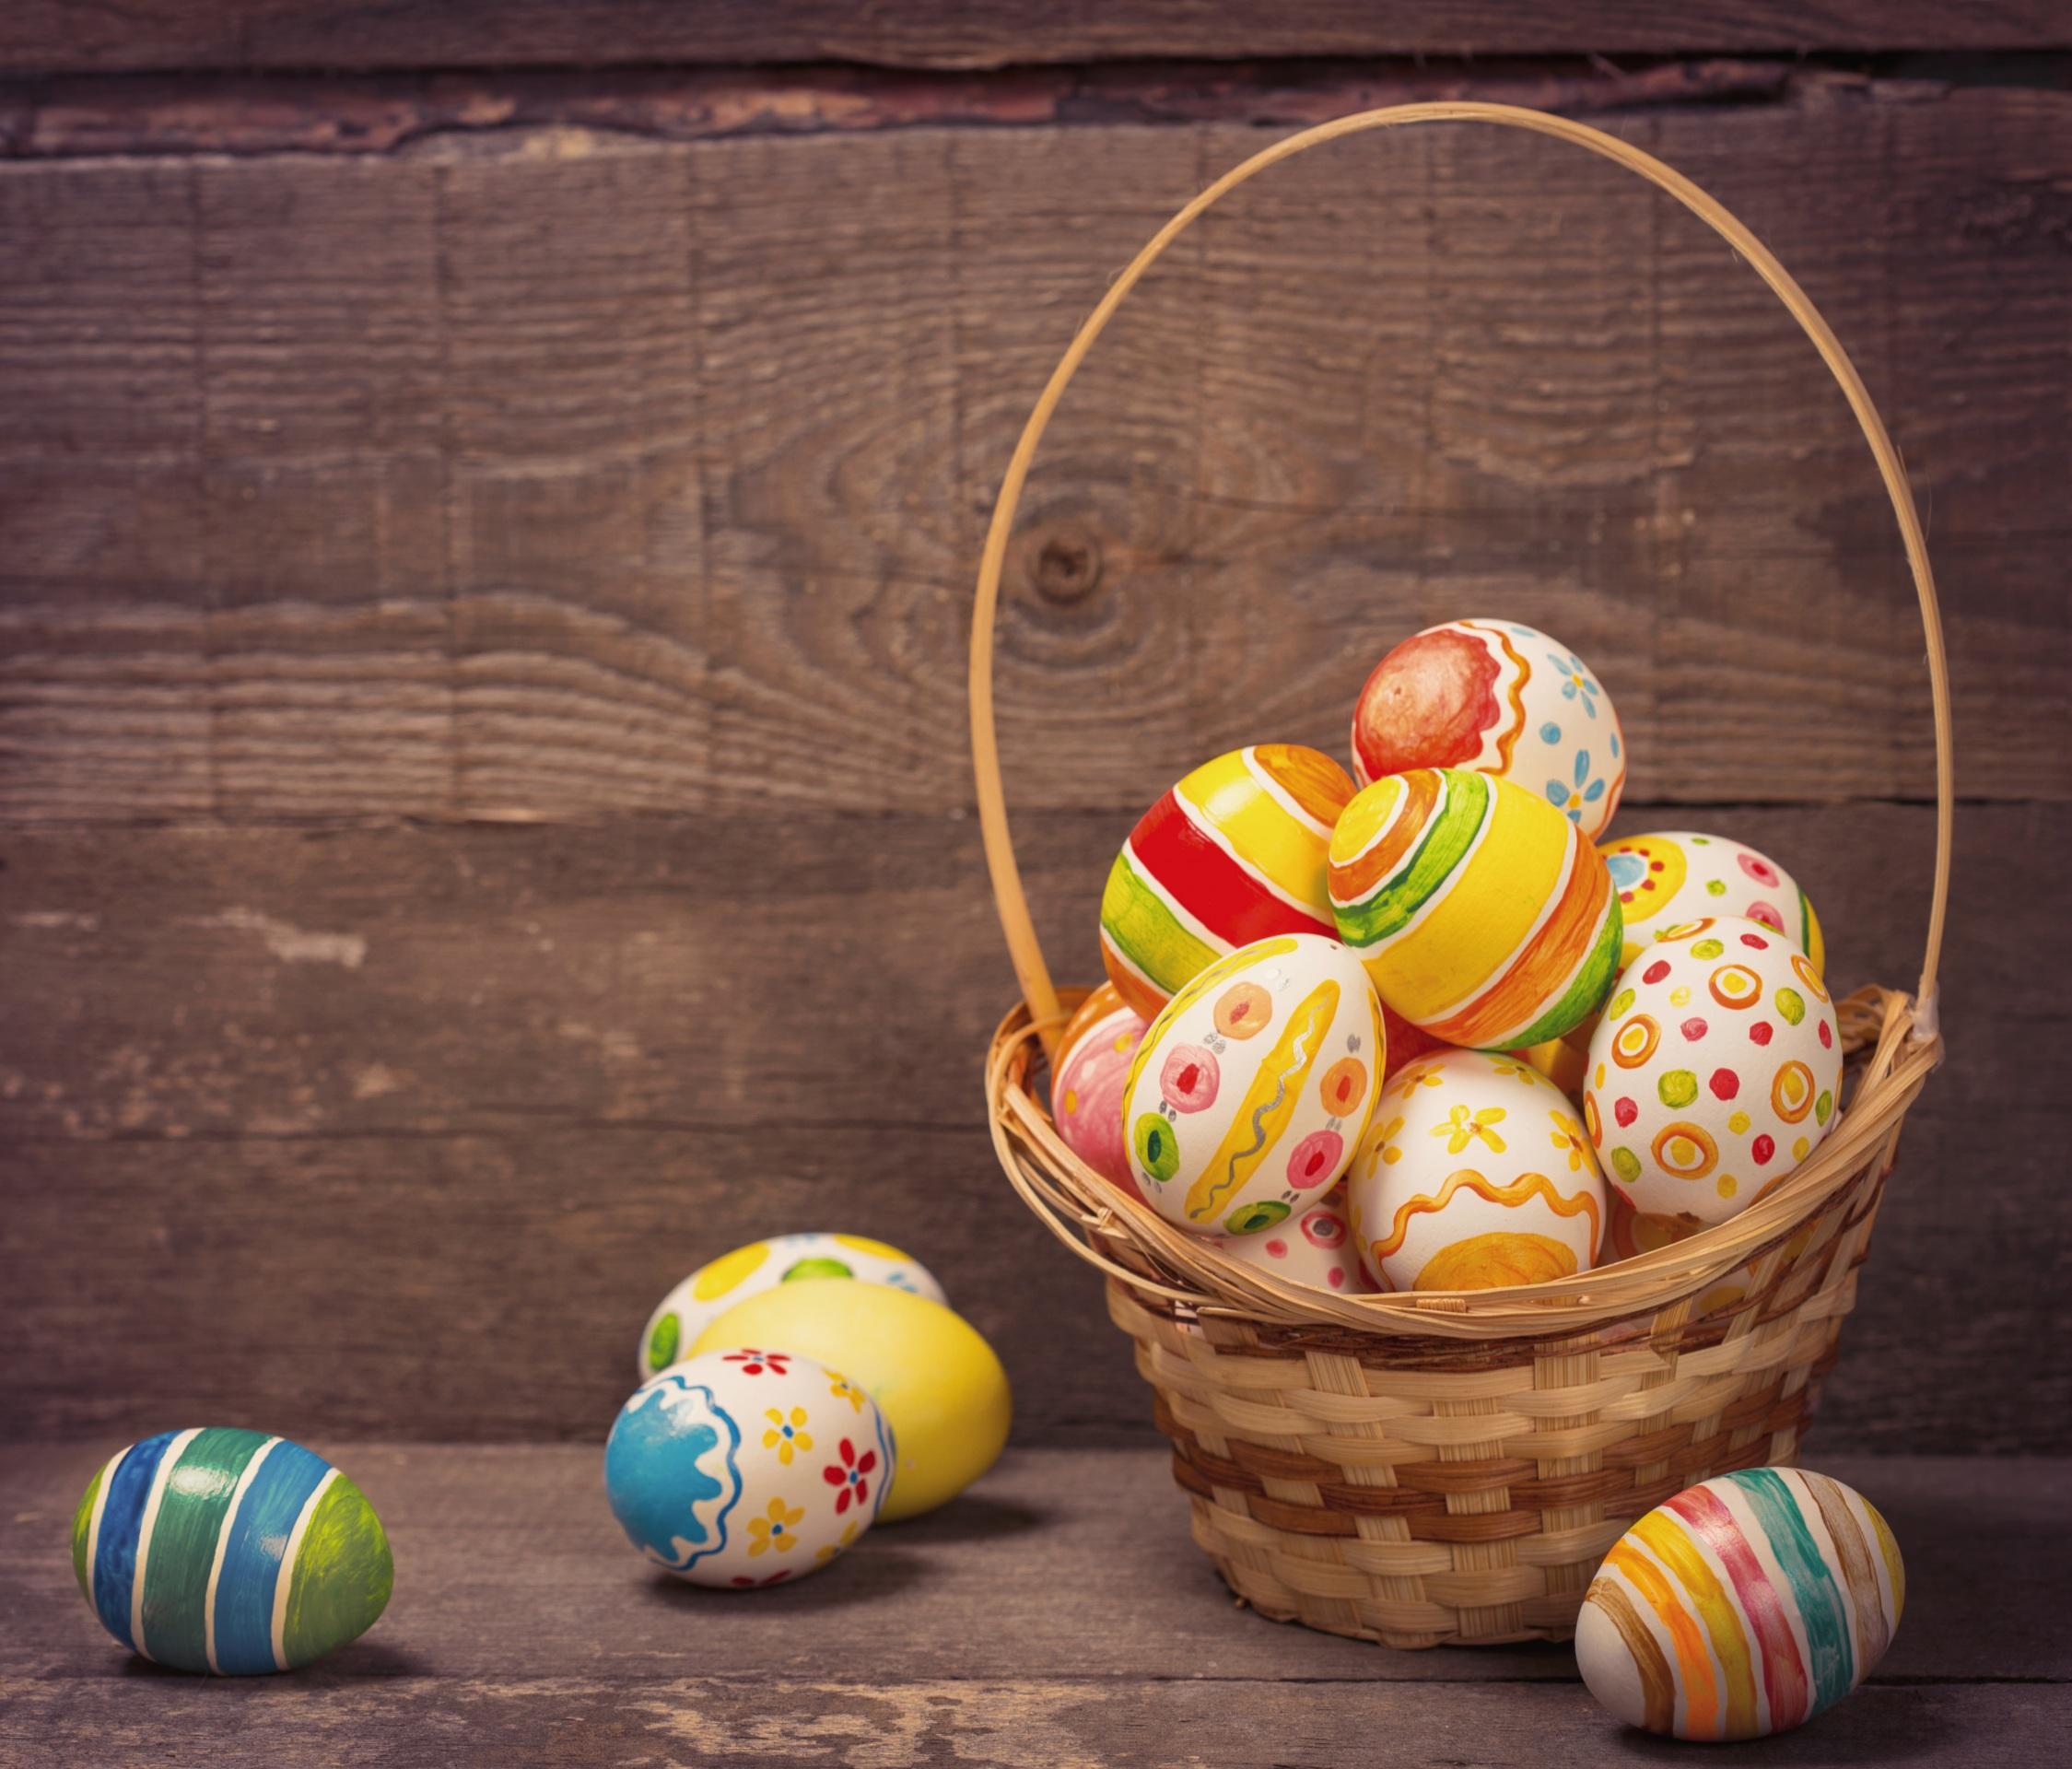 пасха яйца корзина  № 3922984 бесплатно